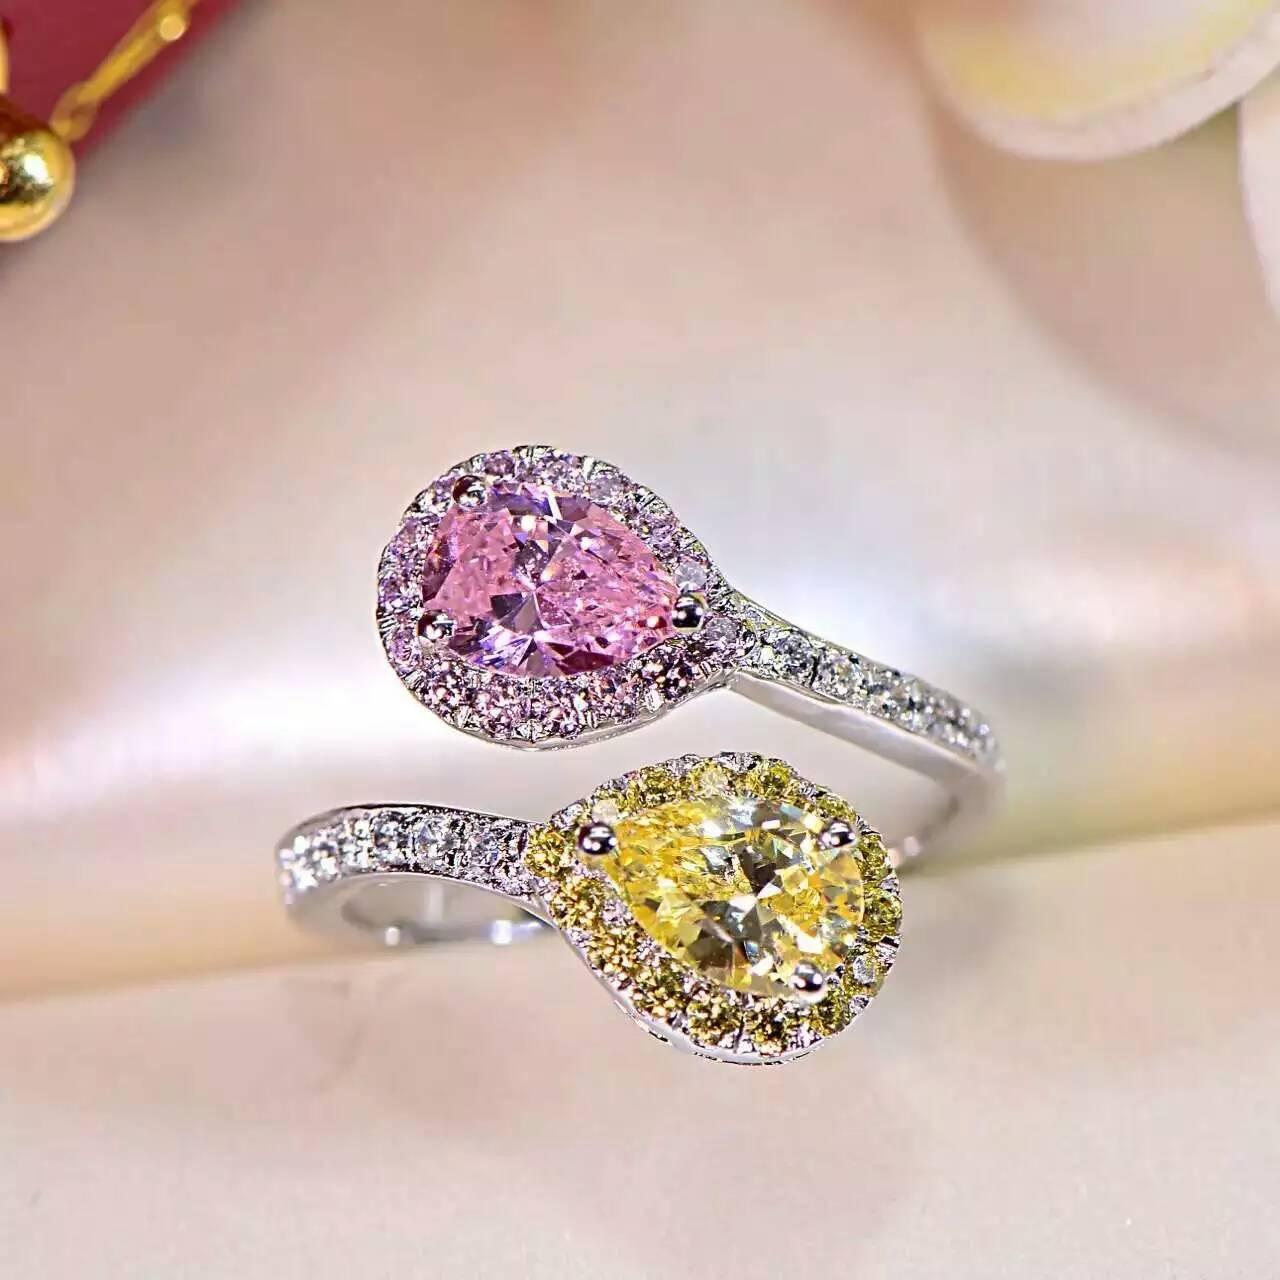 2 CT площади вырезать Фабрика прямая продажа роскошные синтетические бриллиантовые кольца для женщин обручальное кольцо стерлингового серебра ювелирные изделия